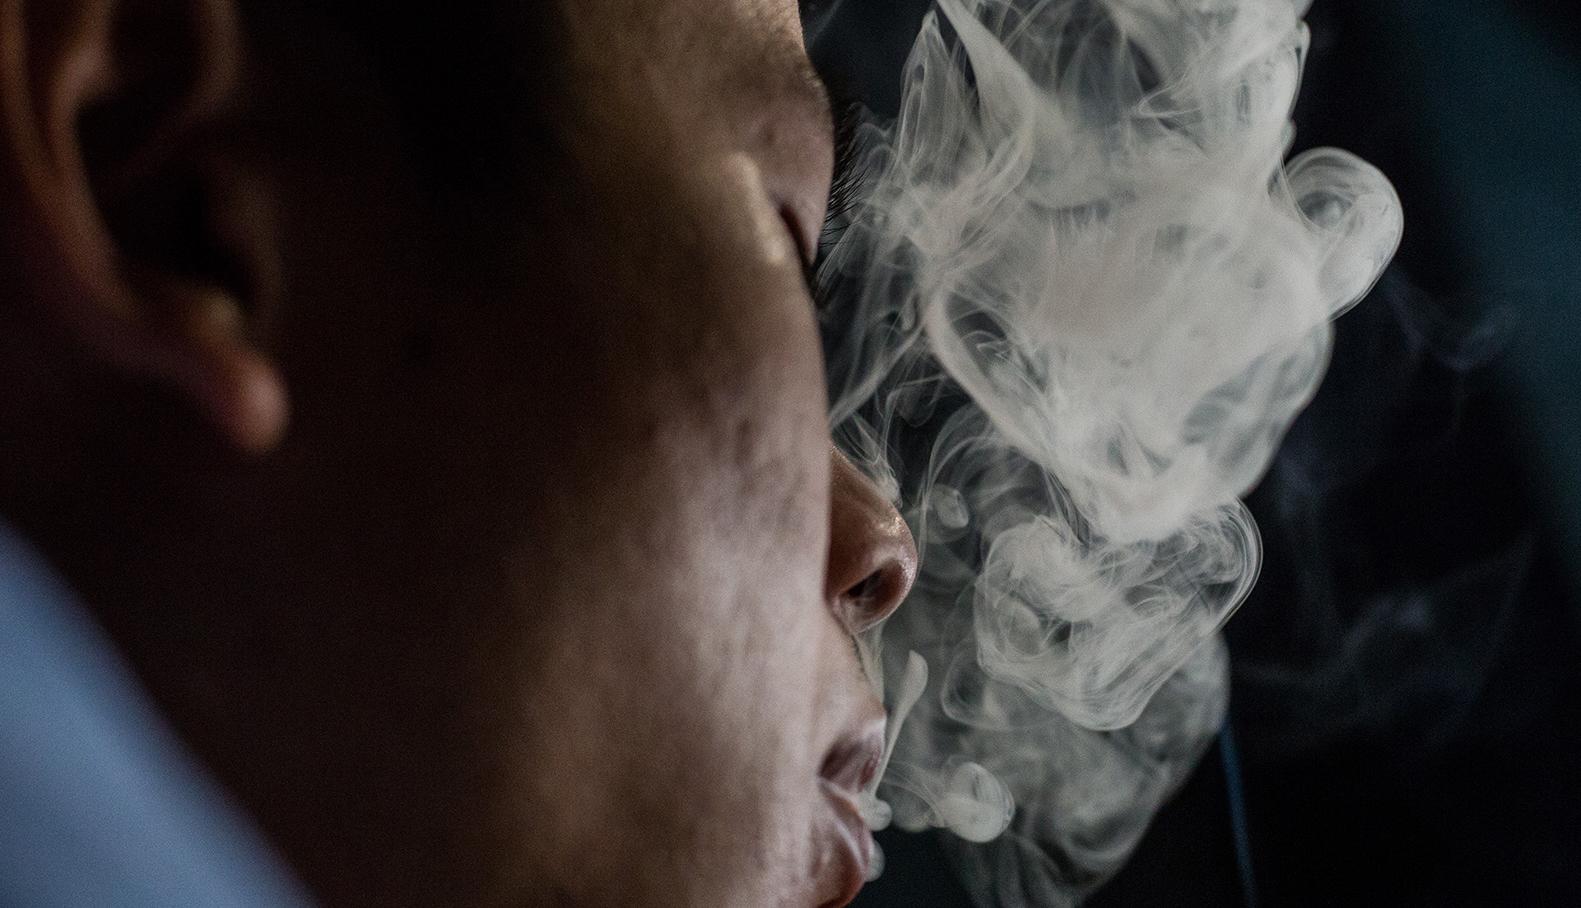 Hút thuốc lá và hít phải khói thuốc lá đều nguy hại đến sức khỏe. Ảnh: Thành Nguyễn.